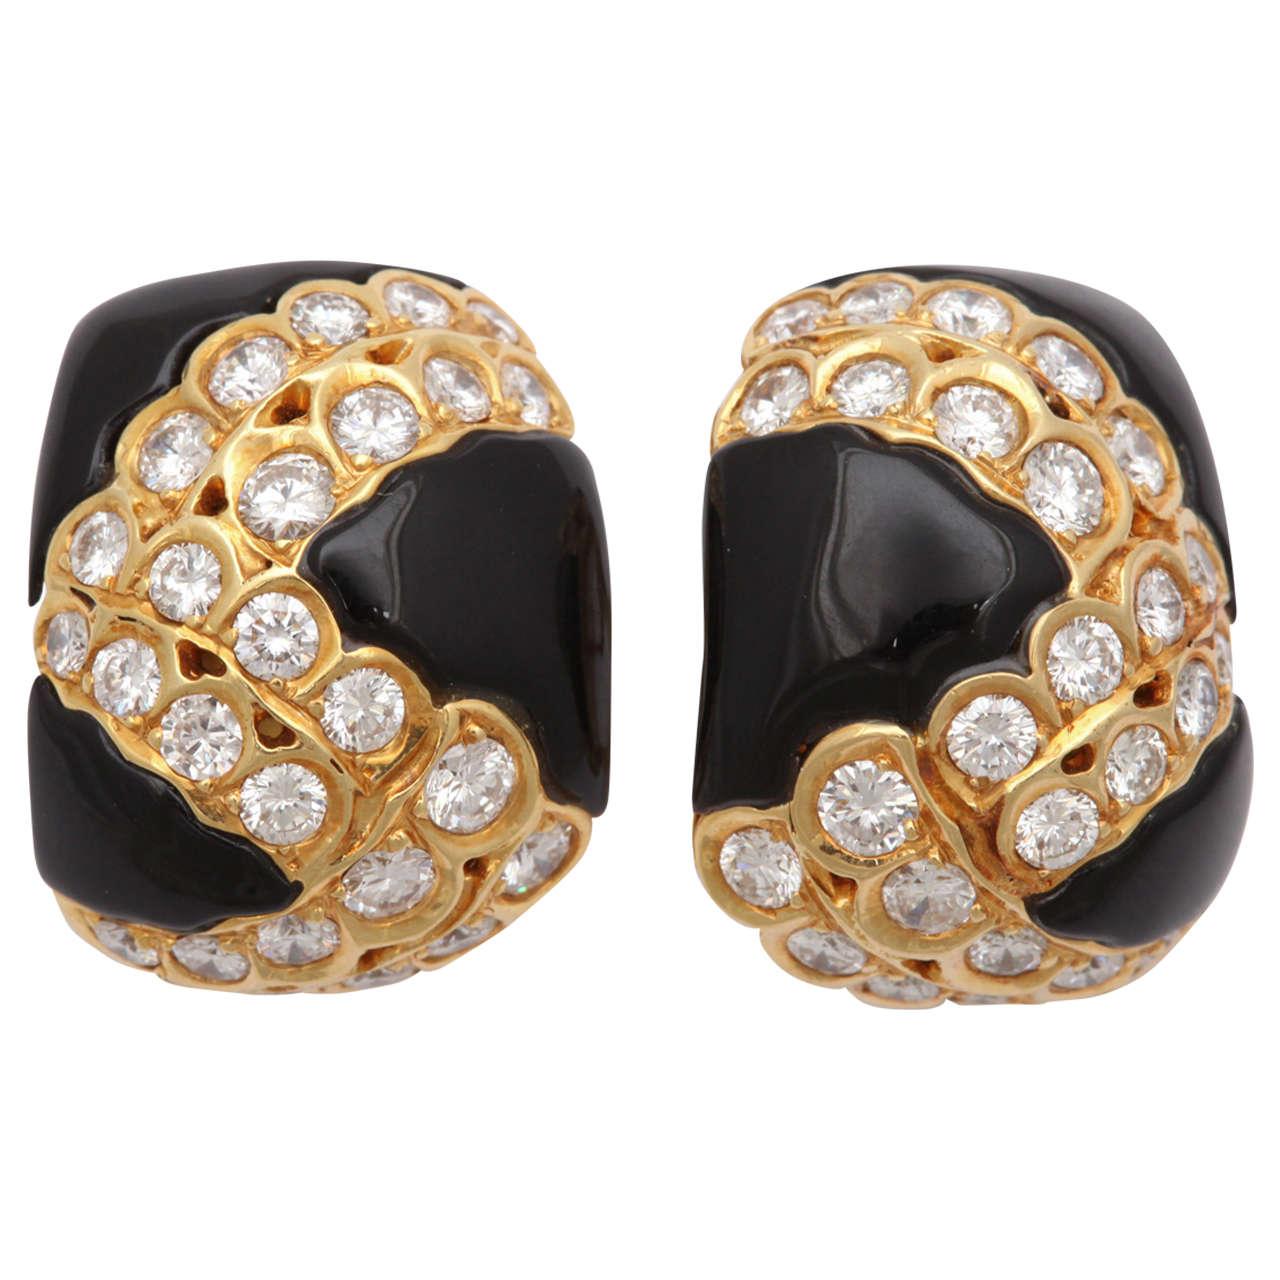 Black Enamel & Diamond Clip on Earrings